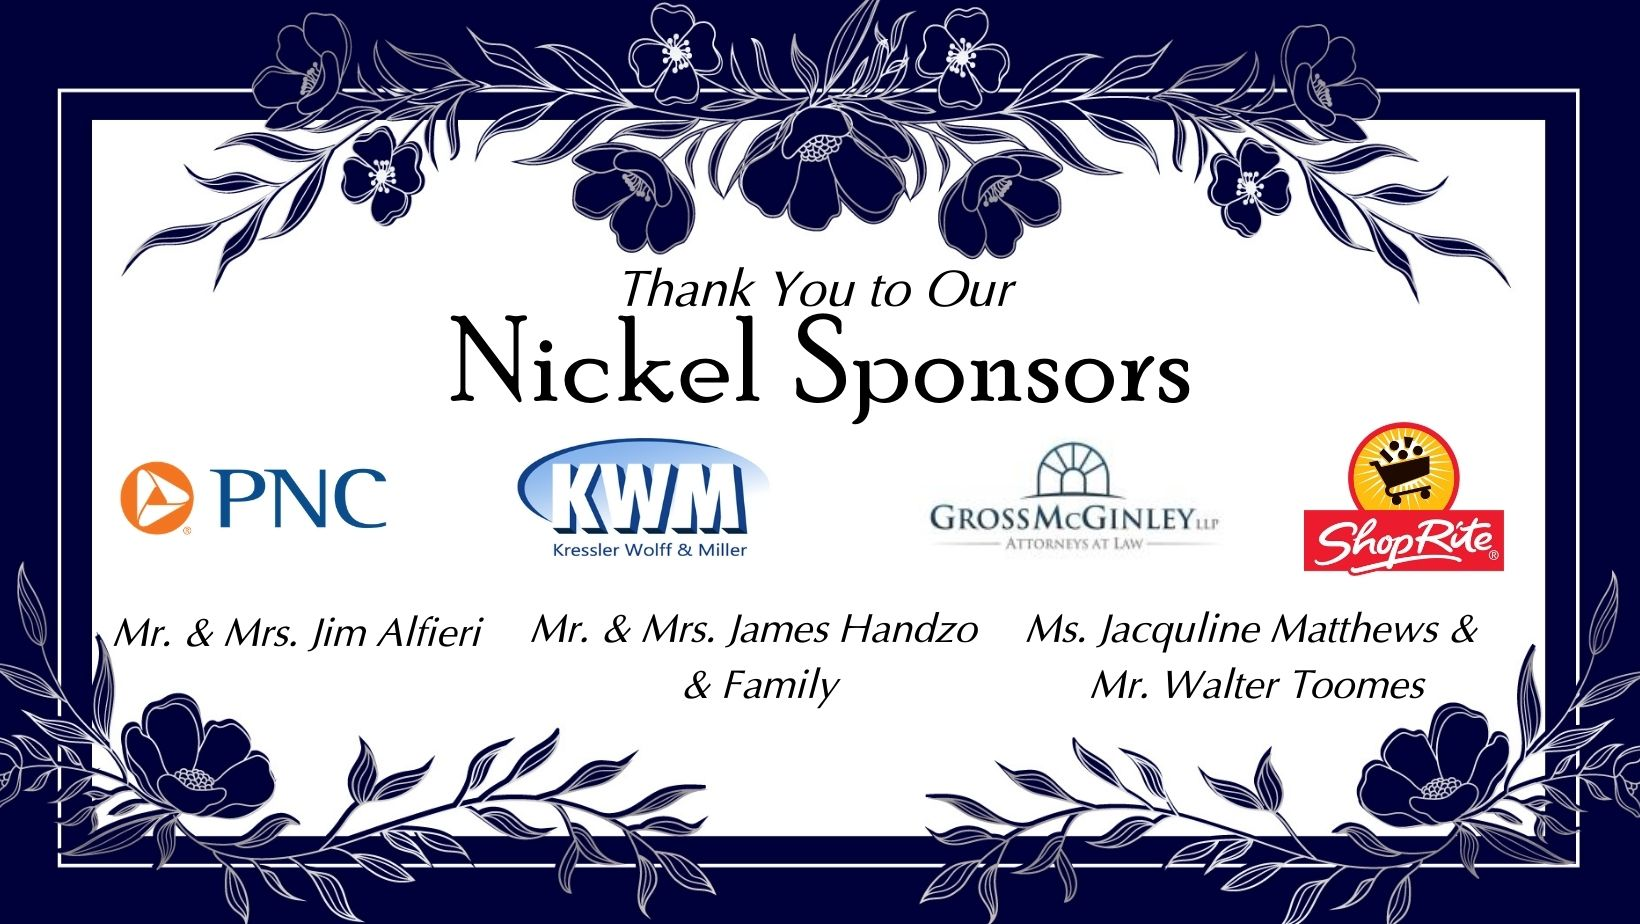 Nickel Sponsors Feb 24